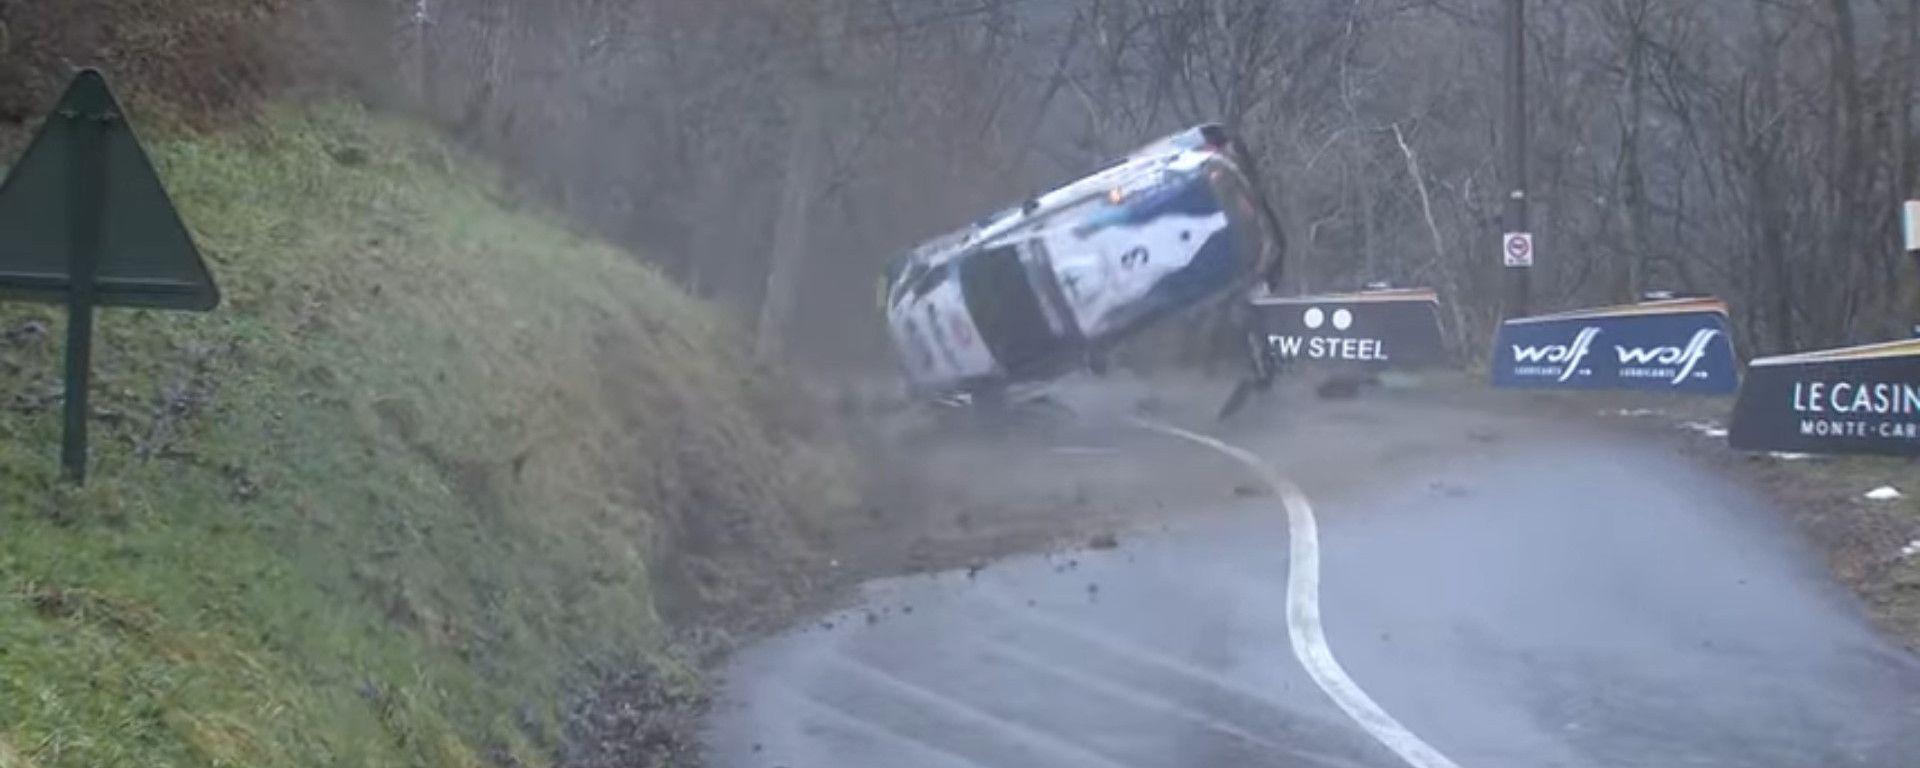 WRC Rallye Monte Carlo 2021: l'incidente di Teemu Suninen (Ford Fiesta WRC M-Sport)